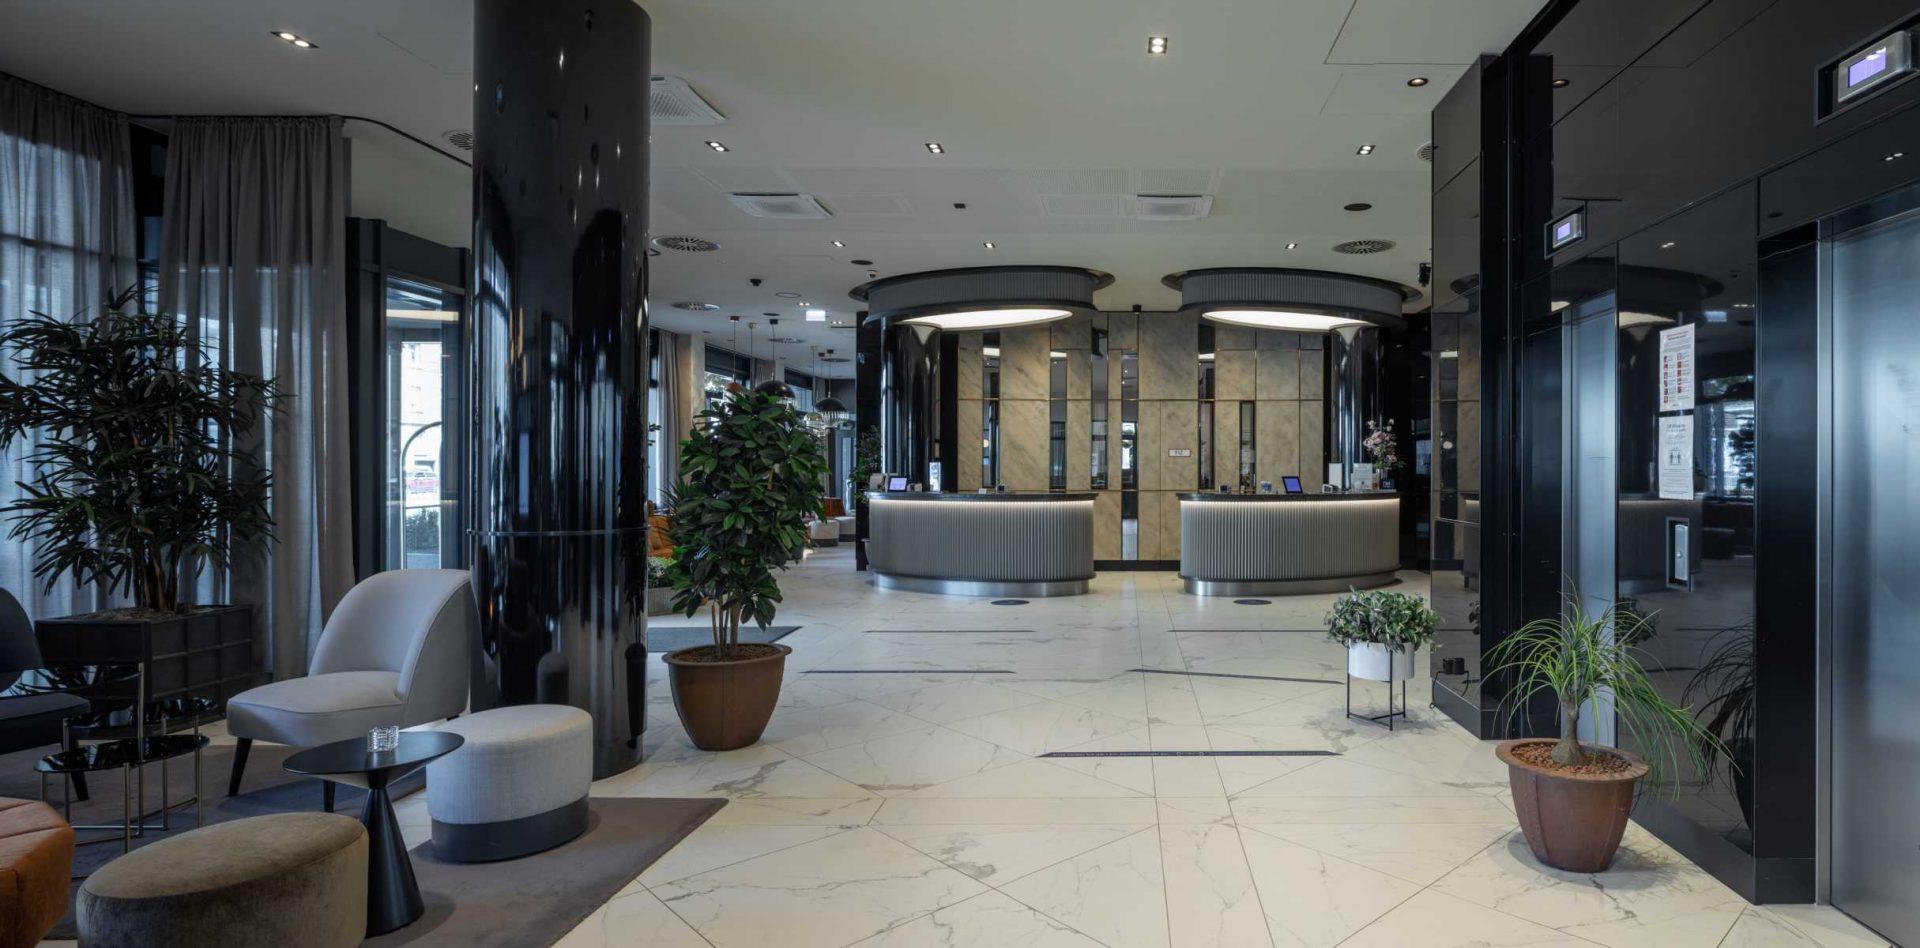 K1600_20200624_048_Prasch Buken Partner Architekten ©DUCKEK NH Hotels niu Hotels Mannheim__G9A5666-Pano